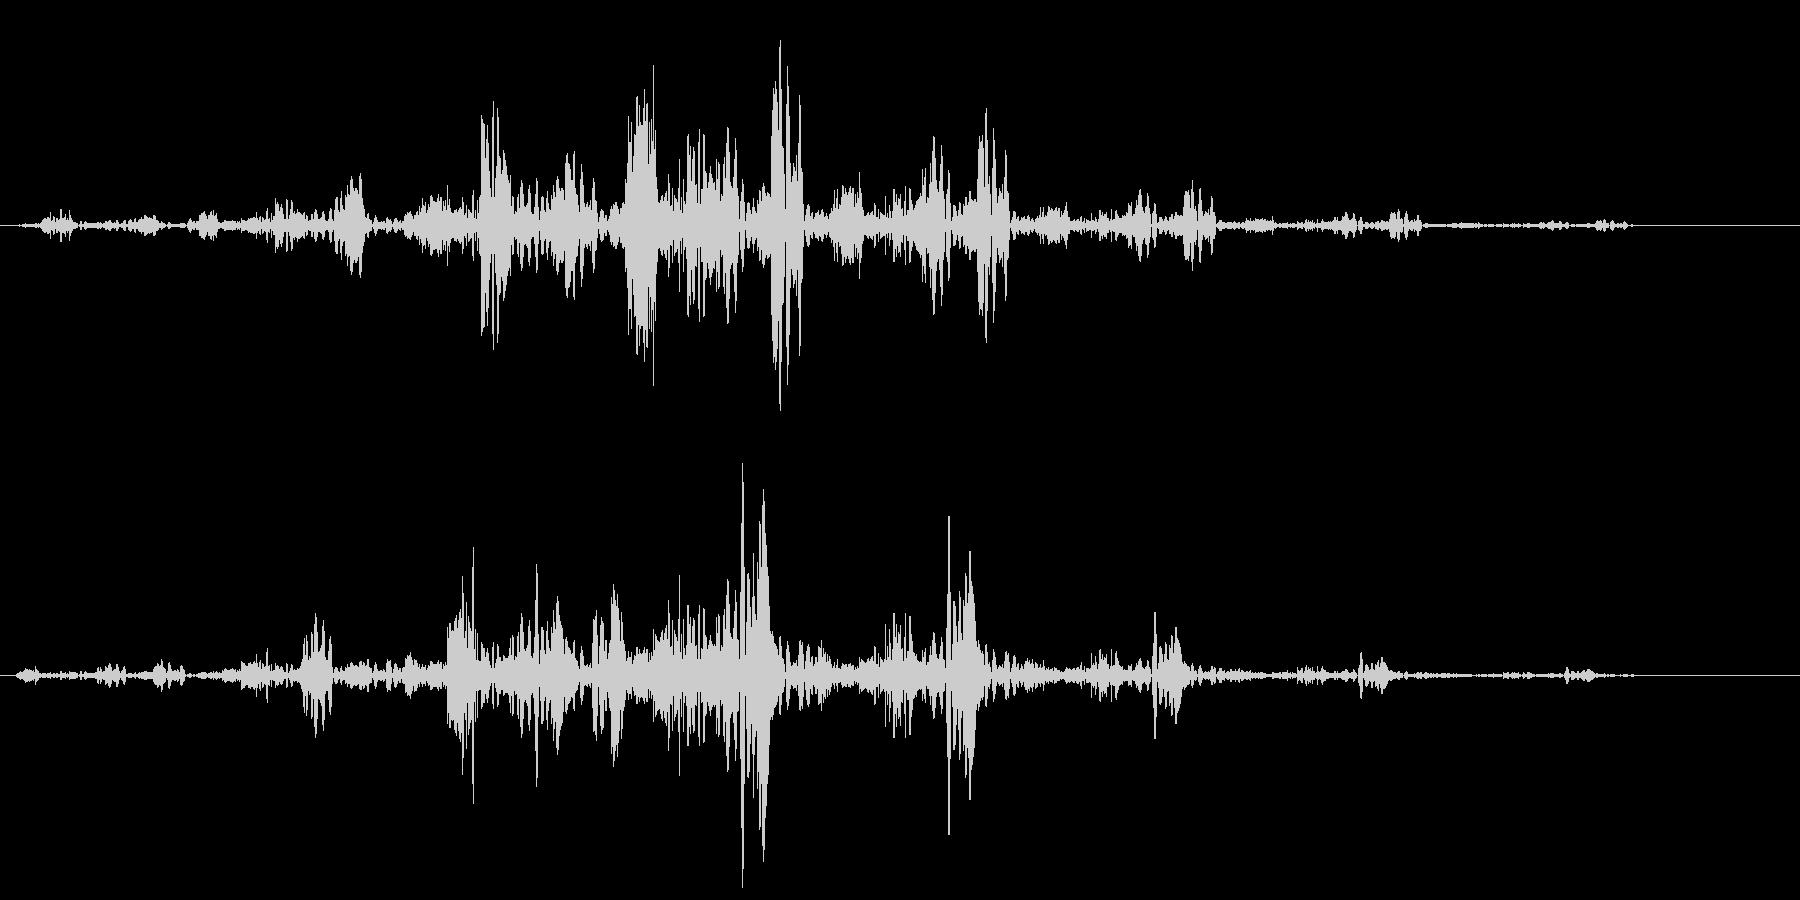 チュンシュワワ(回転系音)の未再生の波形